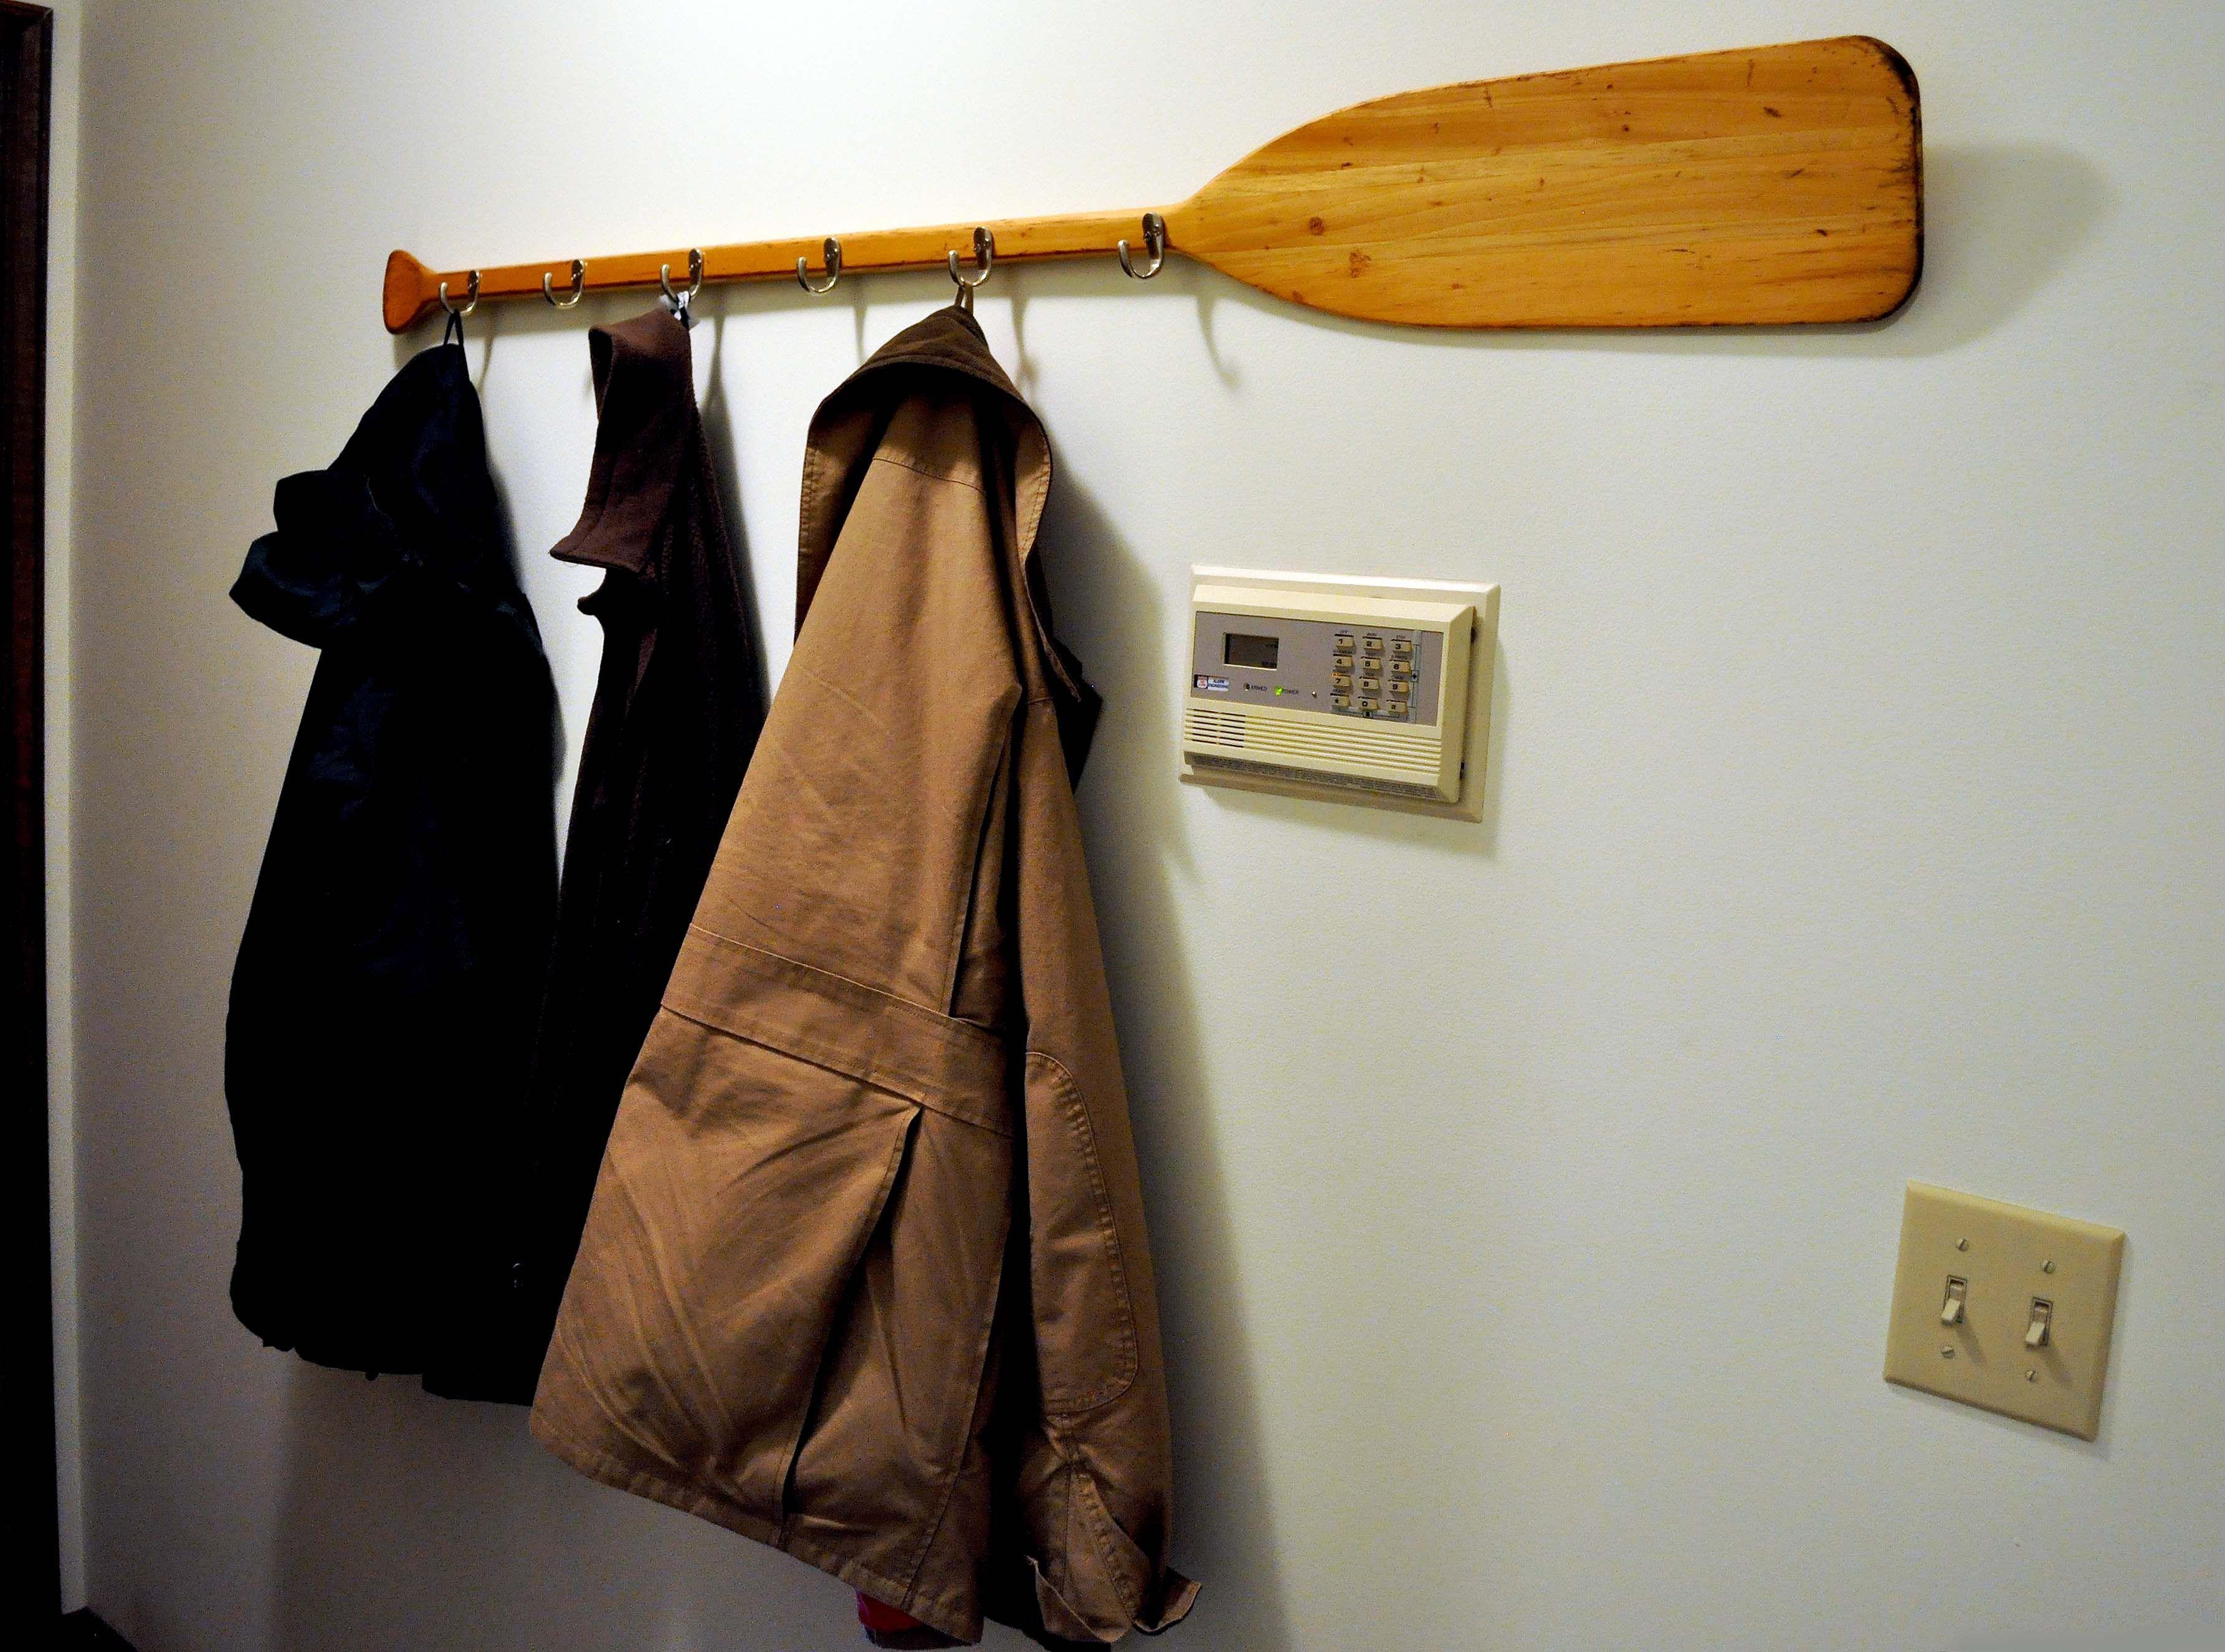 The Canoe Paddle Coat Rack With Images Canoe Paddle Canoe